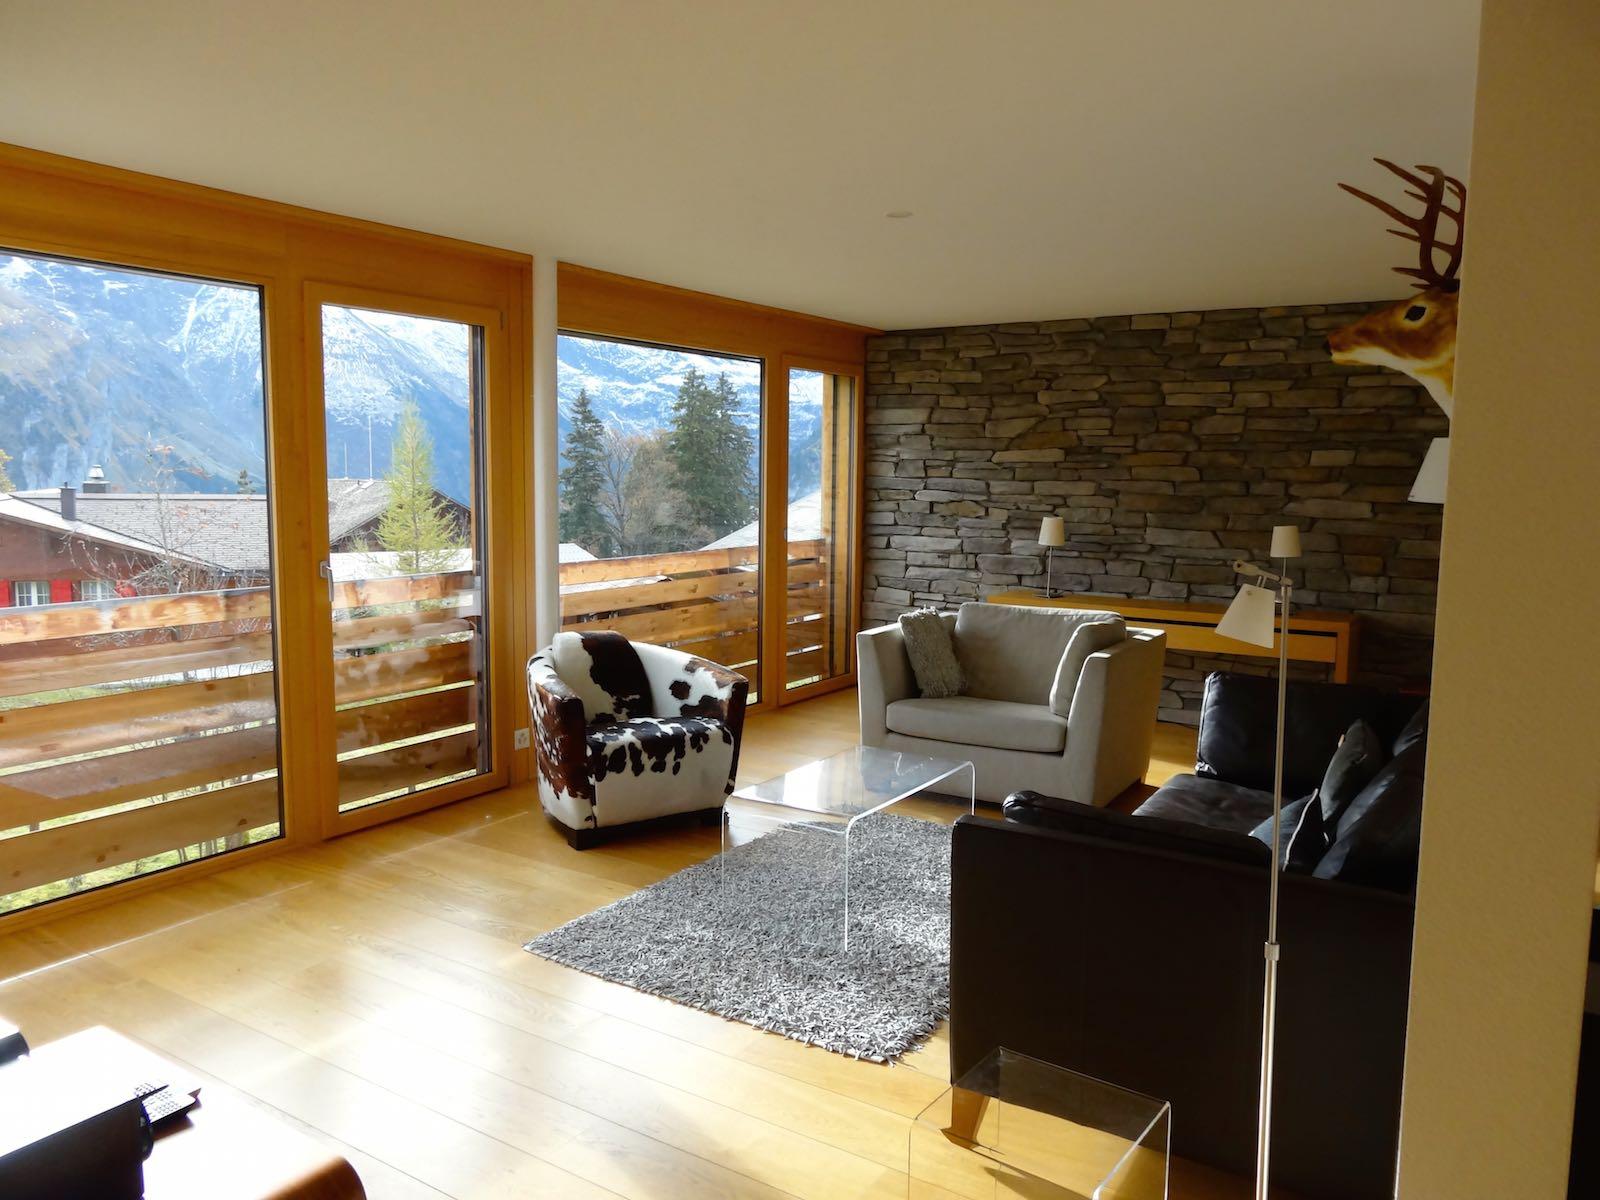 http://hoteljungfrau.ch/wp-content/uploads/2014/11/jungfrau-lodge-8.jpg